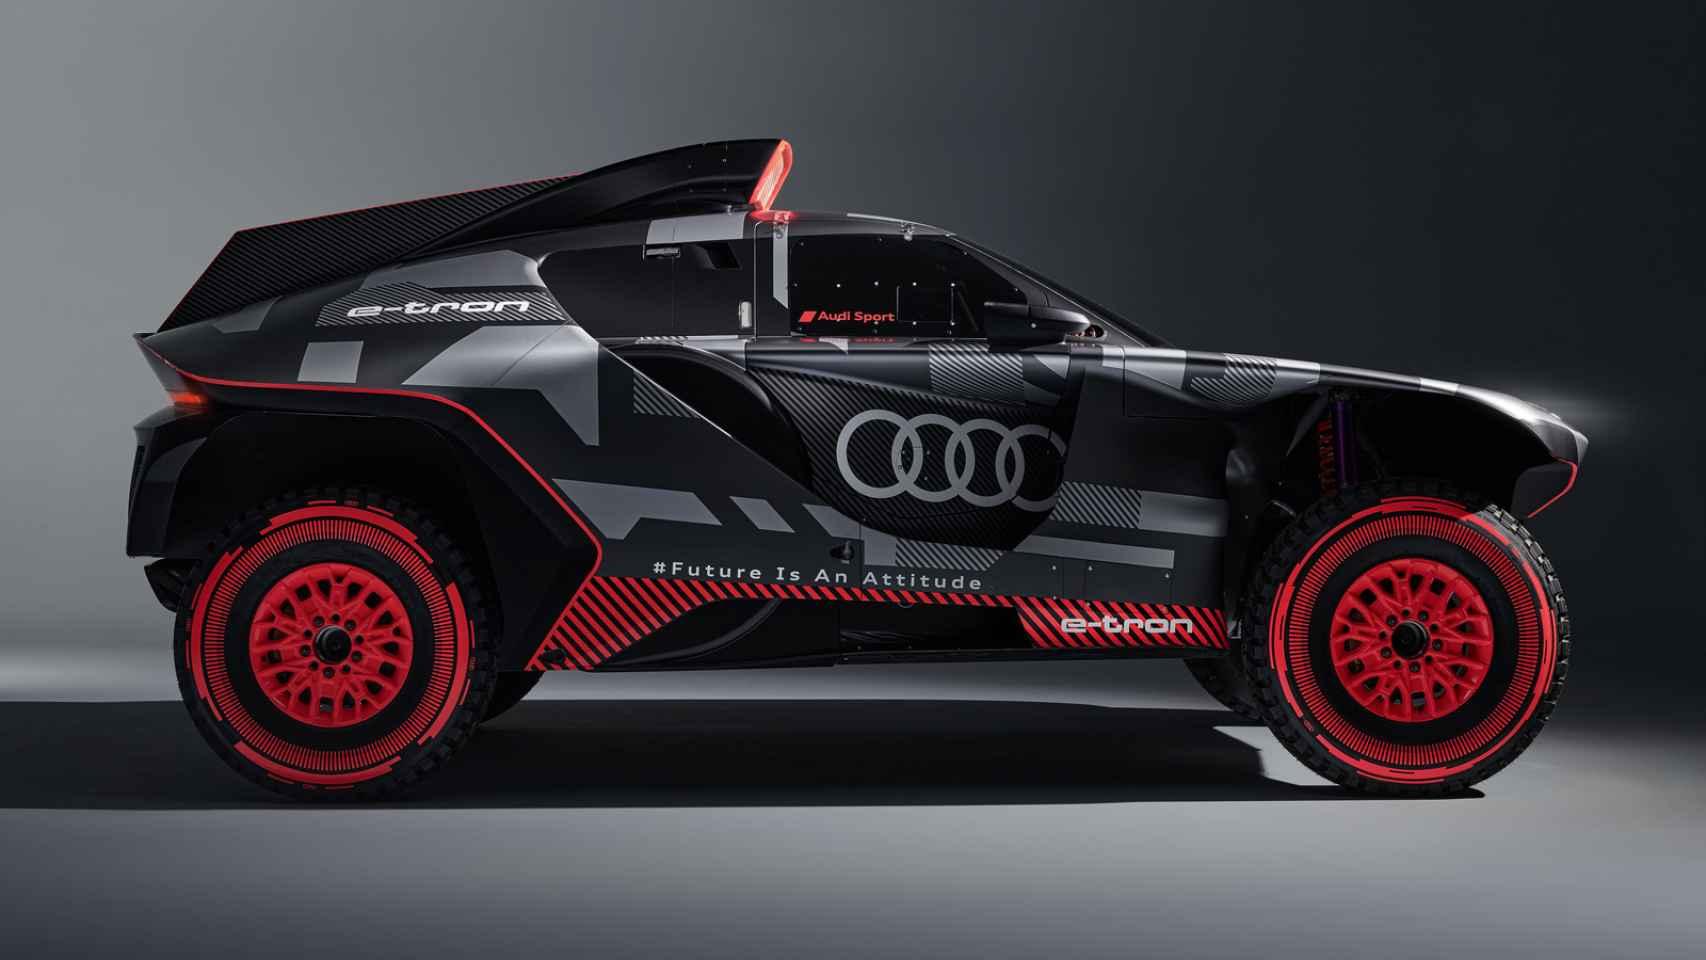 Así es el nuevo coche de Carlos Sainz para el Dakar